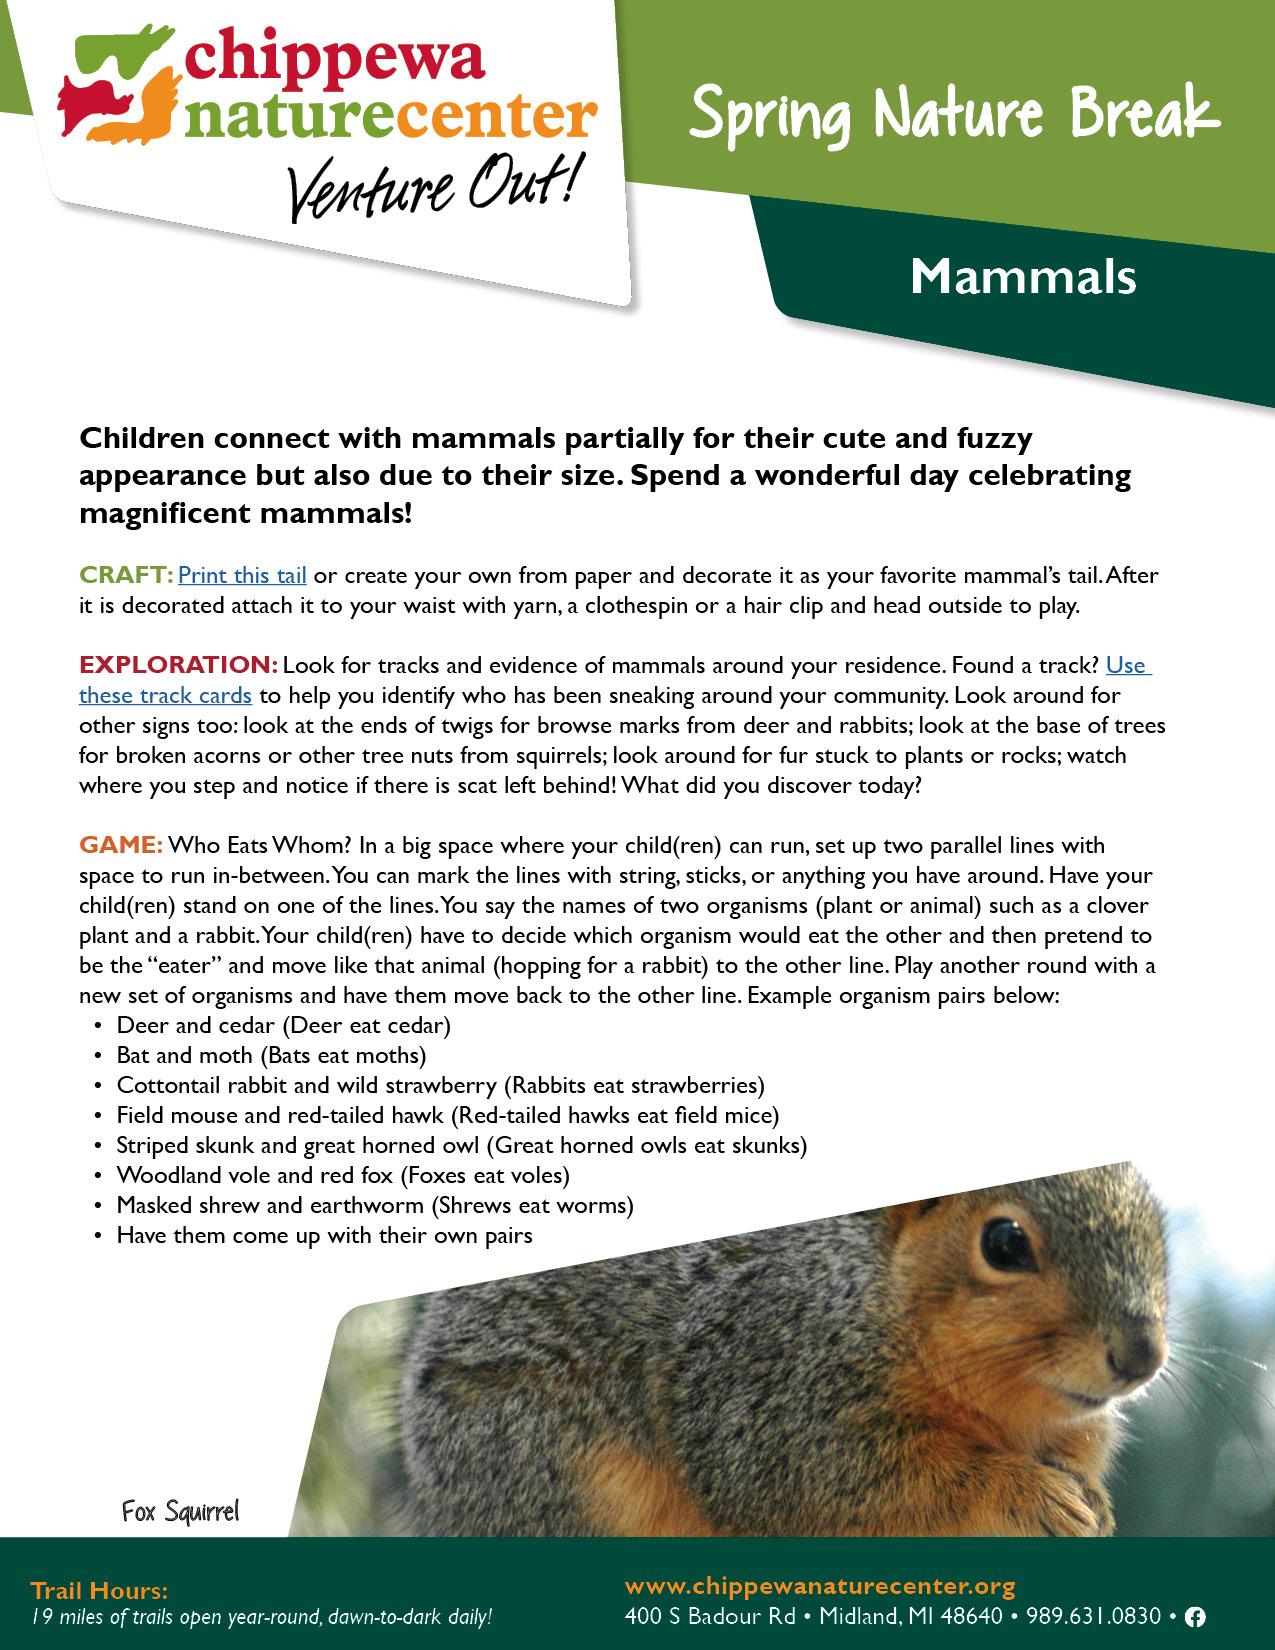 Spring Nature Break - Mammals